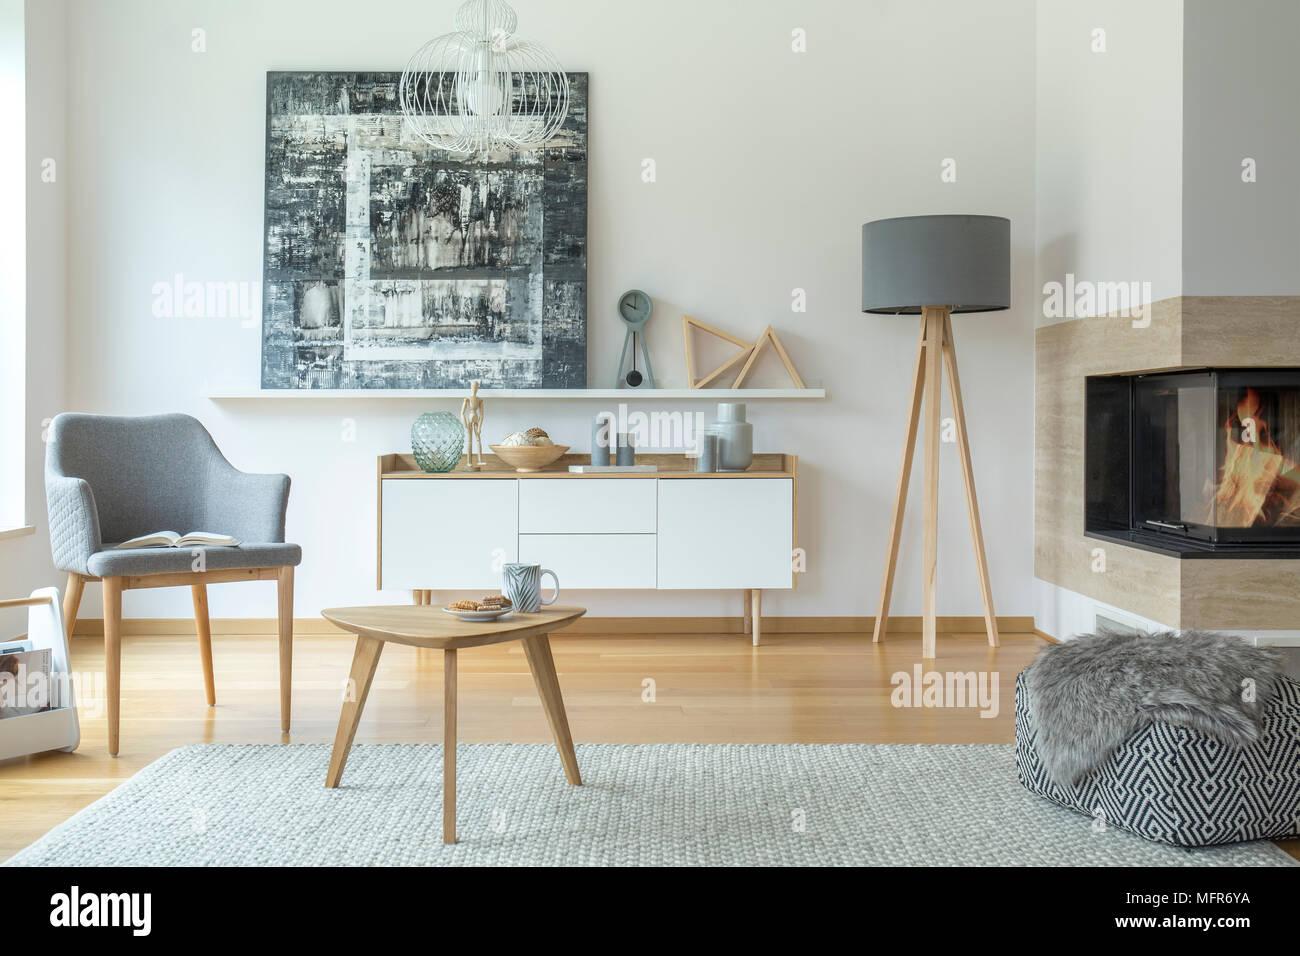 Gemusterte Puff In Der Nähe Von Kamin Und Grau Lampe In Scandi Wohnzimmer  Einrichtung Mit Sessel Und Malerei